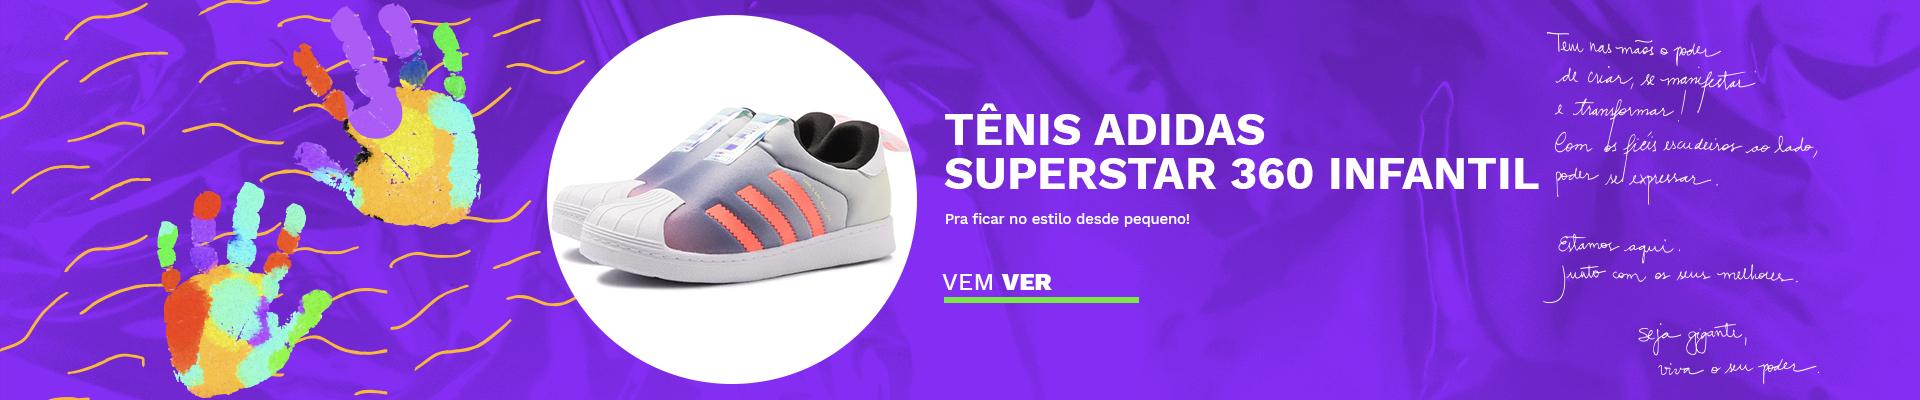 p2-adidas-superstar-360-infantil